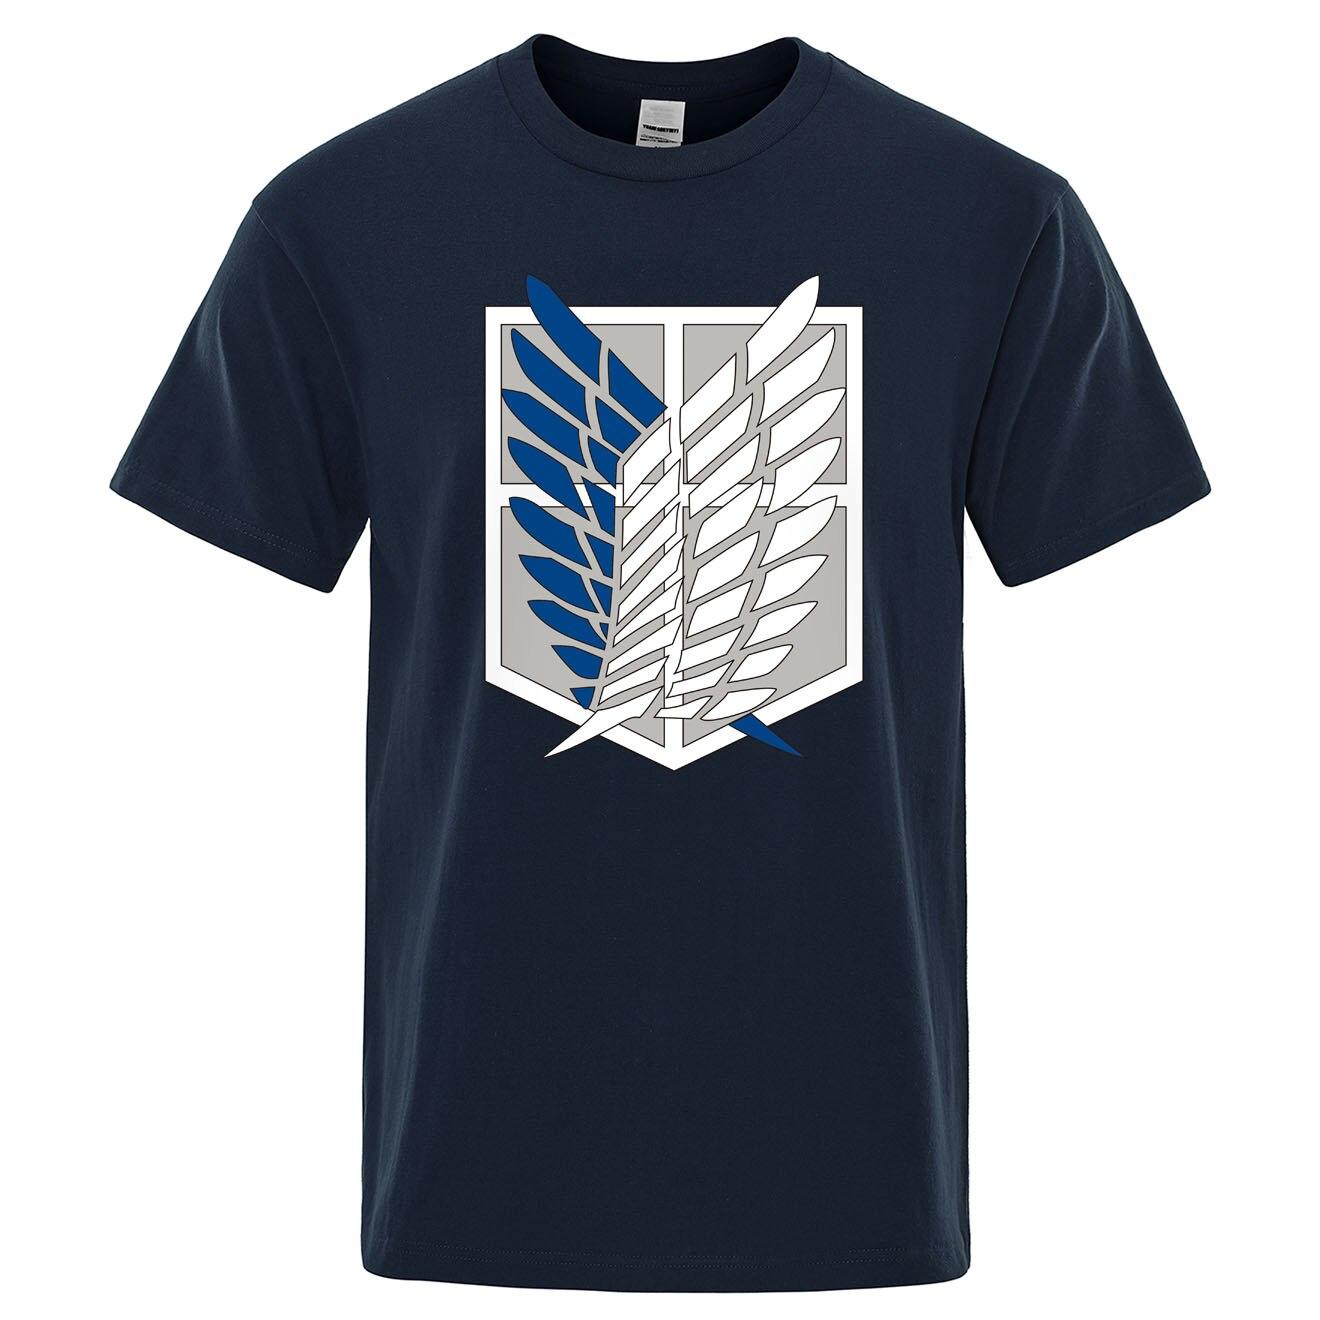 Camiseta de attack on titan, camisetas de algodão, manga curta masculinas, anime japonês mikasa topos homem